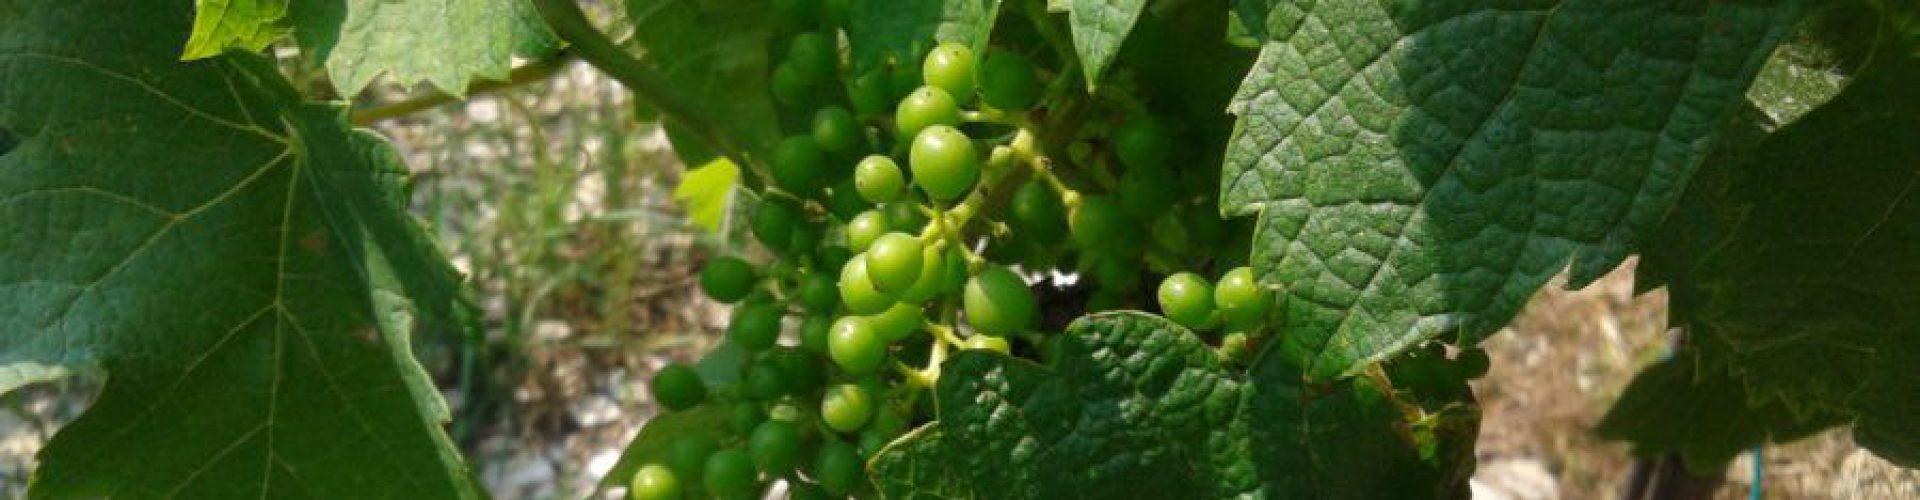 Veneto bio, un successo a cominciare dal vino: +231% in dieci anni!